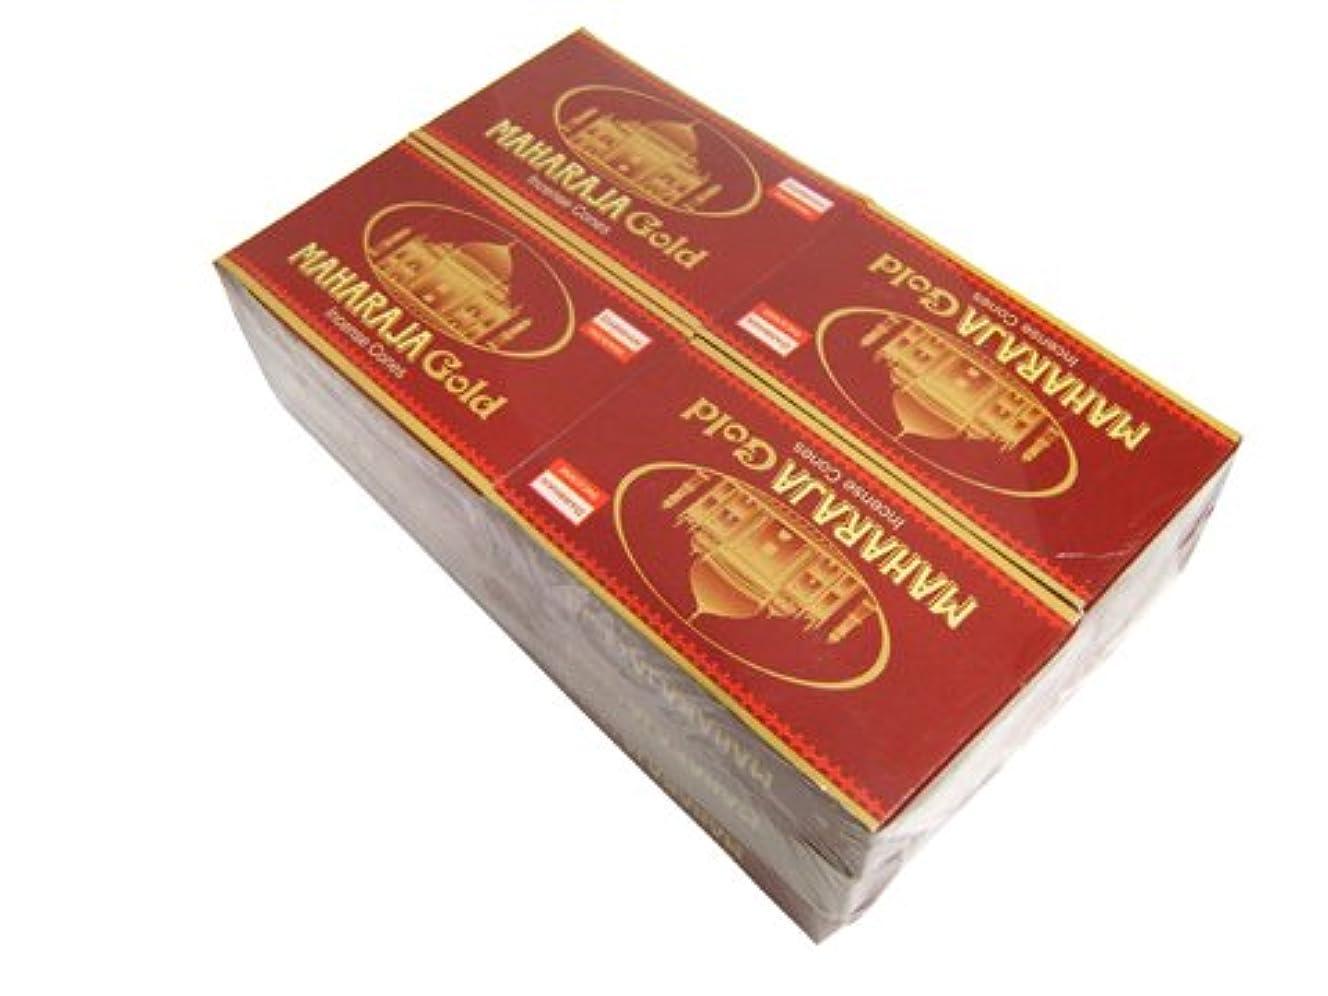 アルバム執着中断DARSHAN(ダルシャン) マハラジャゴールド香 コーンタイプ MAHARAJA GOLD CORN 12箱セット